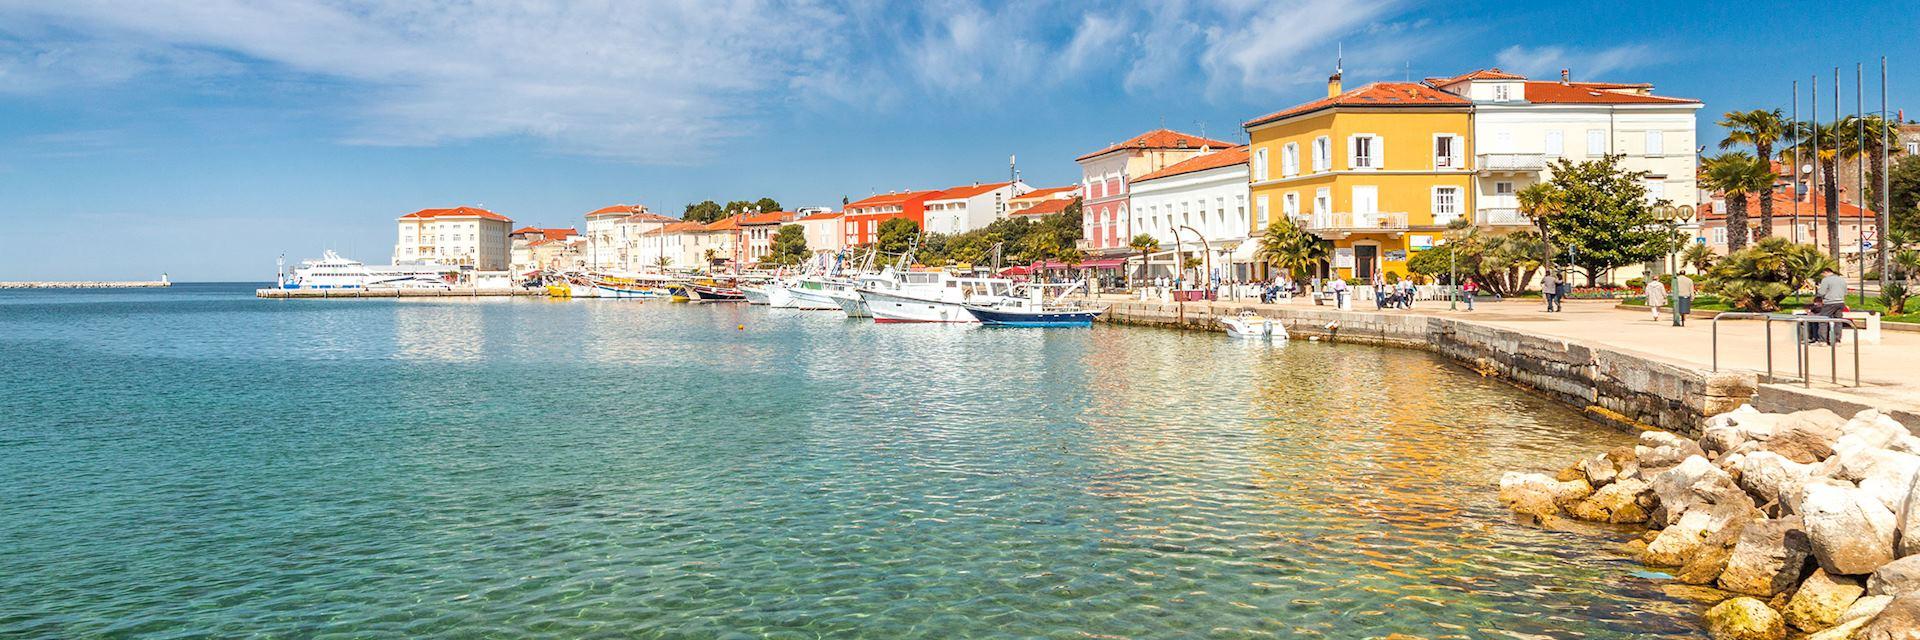 Porec town, Croatia